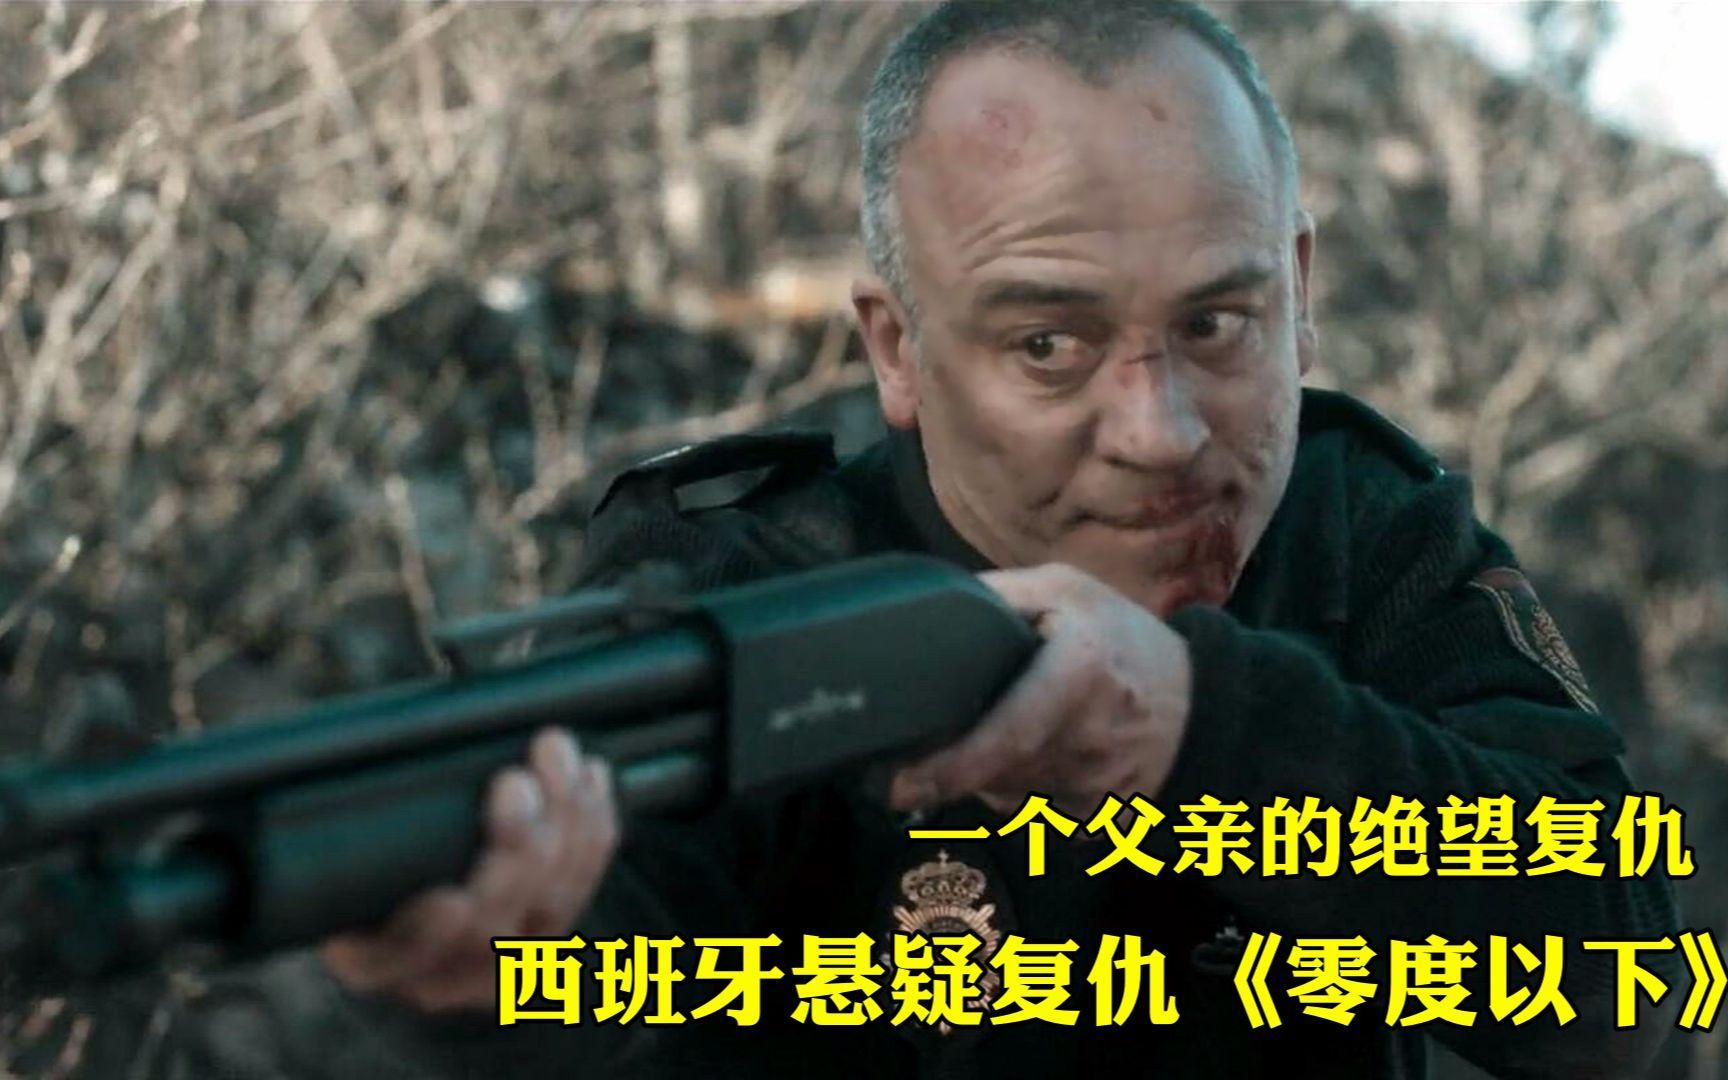 【亮哥】女儿被害 尸体下落不明,父亲抢劫囚车,把凶手沉入湖底,犯罪片《零度以下》